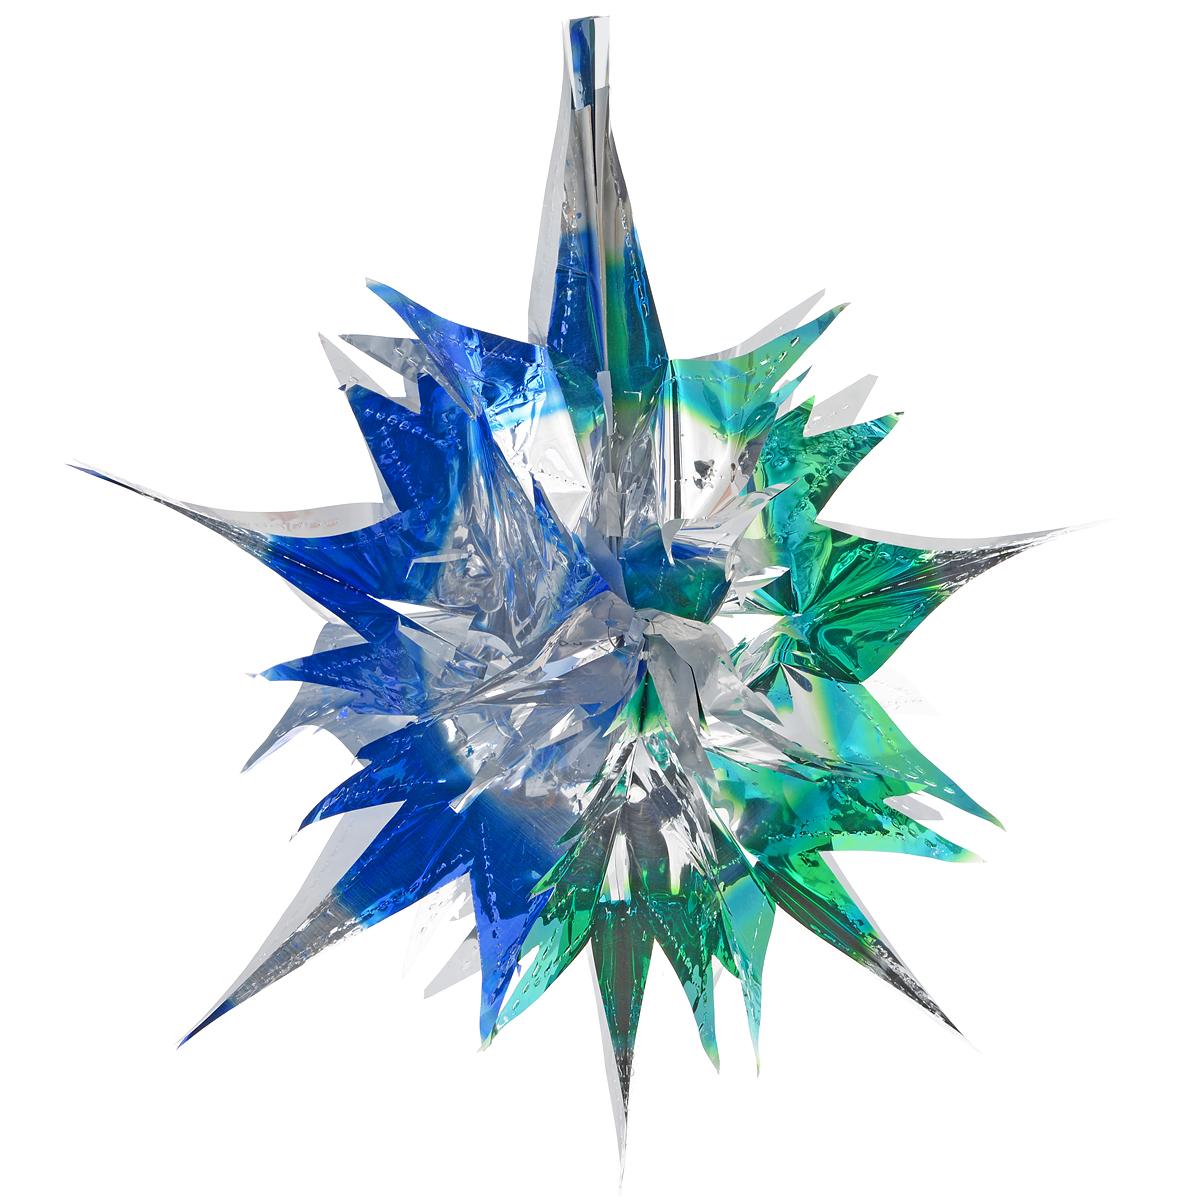 Новогоднее подвесное украшение Звезда, цвет: серебристый, синий, зеленый. 2700927009Новогоднее украшение Звезда отлично подойдет для декорации вашего дома и новогодней ели. Украшение выполнено из ПВХ в форме многогранной многоцветной звезды. С помощью специальной петельки звезду можно повесить в любом понравившемся вам месте. Украшение легко складывается и раскладывается благодаря металлическим кольцам. Новогодние украшения несут в себе волшебство и красоту праздника. Они помогут вам украсить дом к предстоящим праздникам и оживить интерьер по вашему вкусу. Создайте в доме атмосферу тепла, веселья и радости, украшая его всей семьей. Коллекция декоративных украшений из серии Magic Time принесет в ваш дом ни с чем не сравнимое ощущение волшебства!Размер украшения (в сложенном виде): 25 см х 21,5 см.